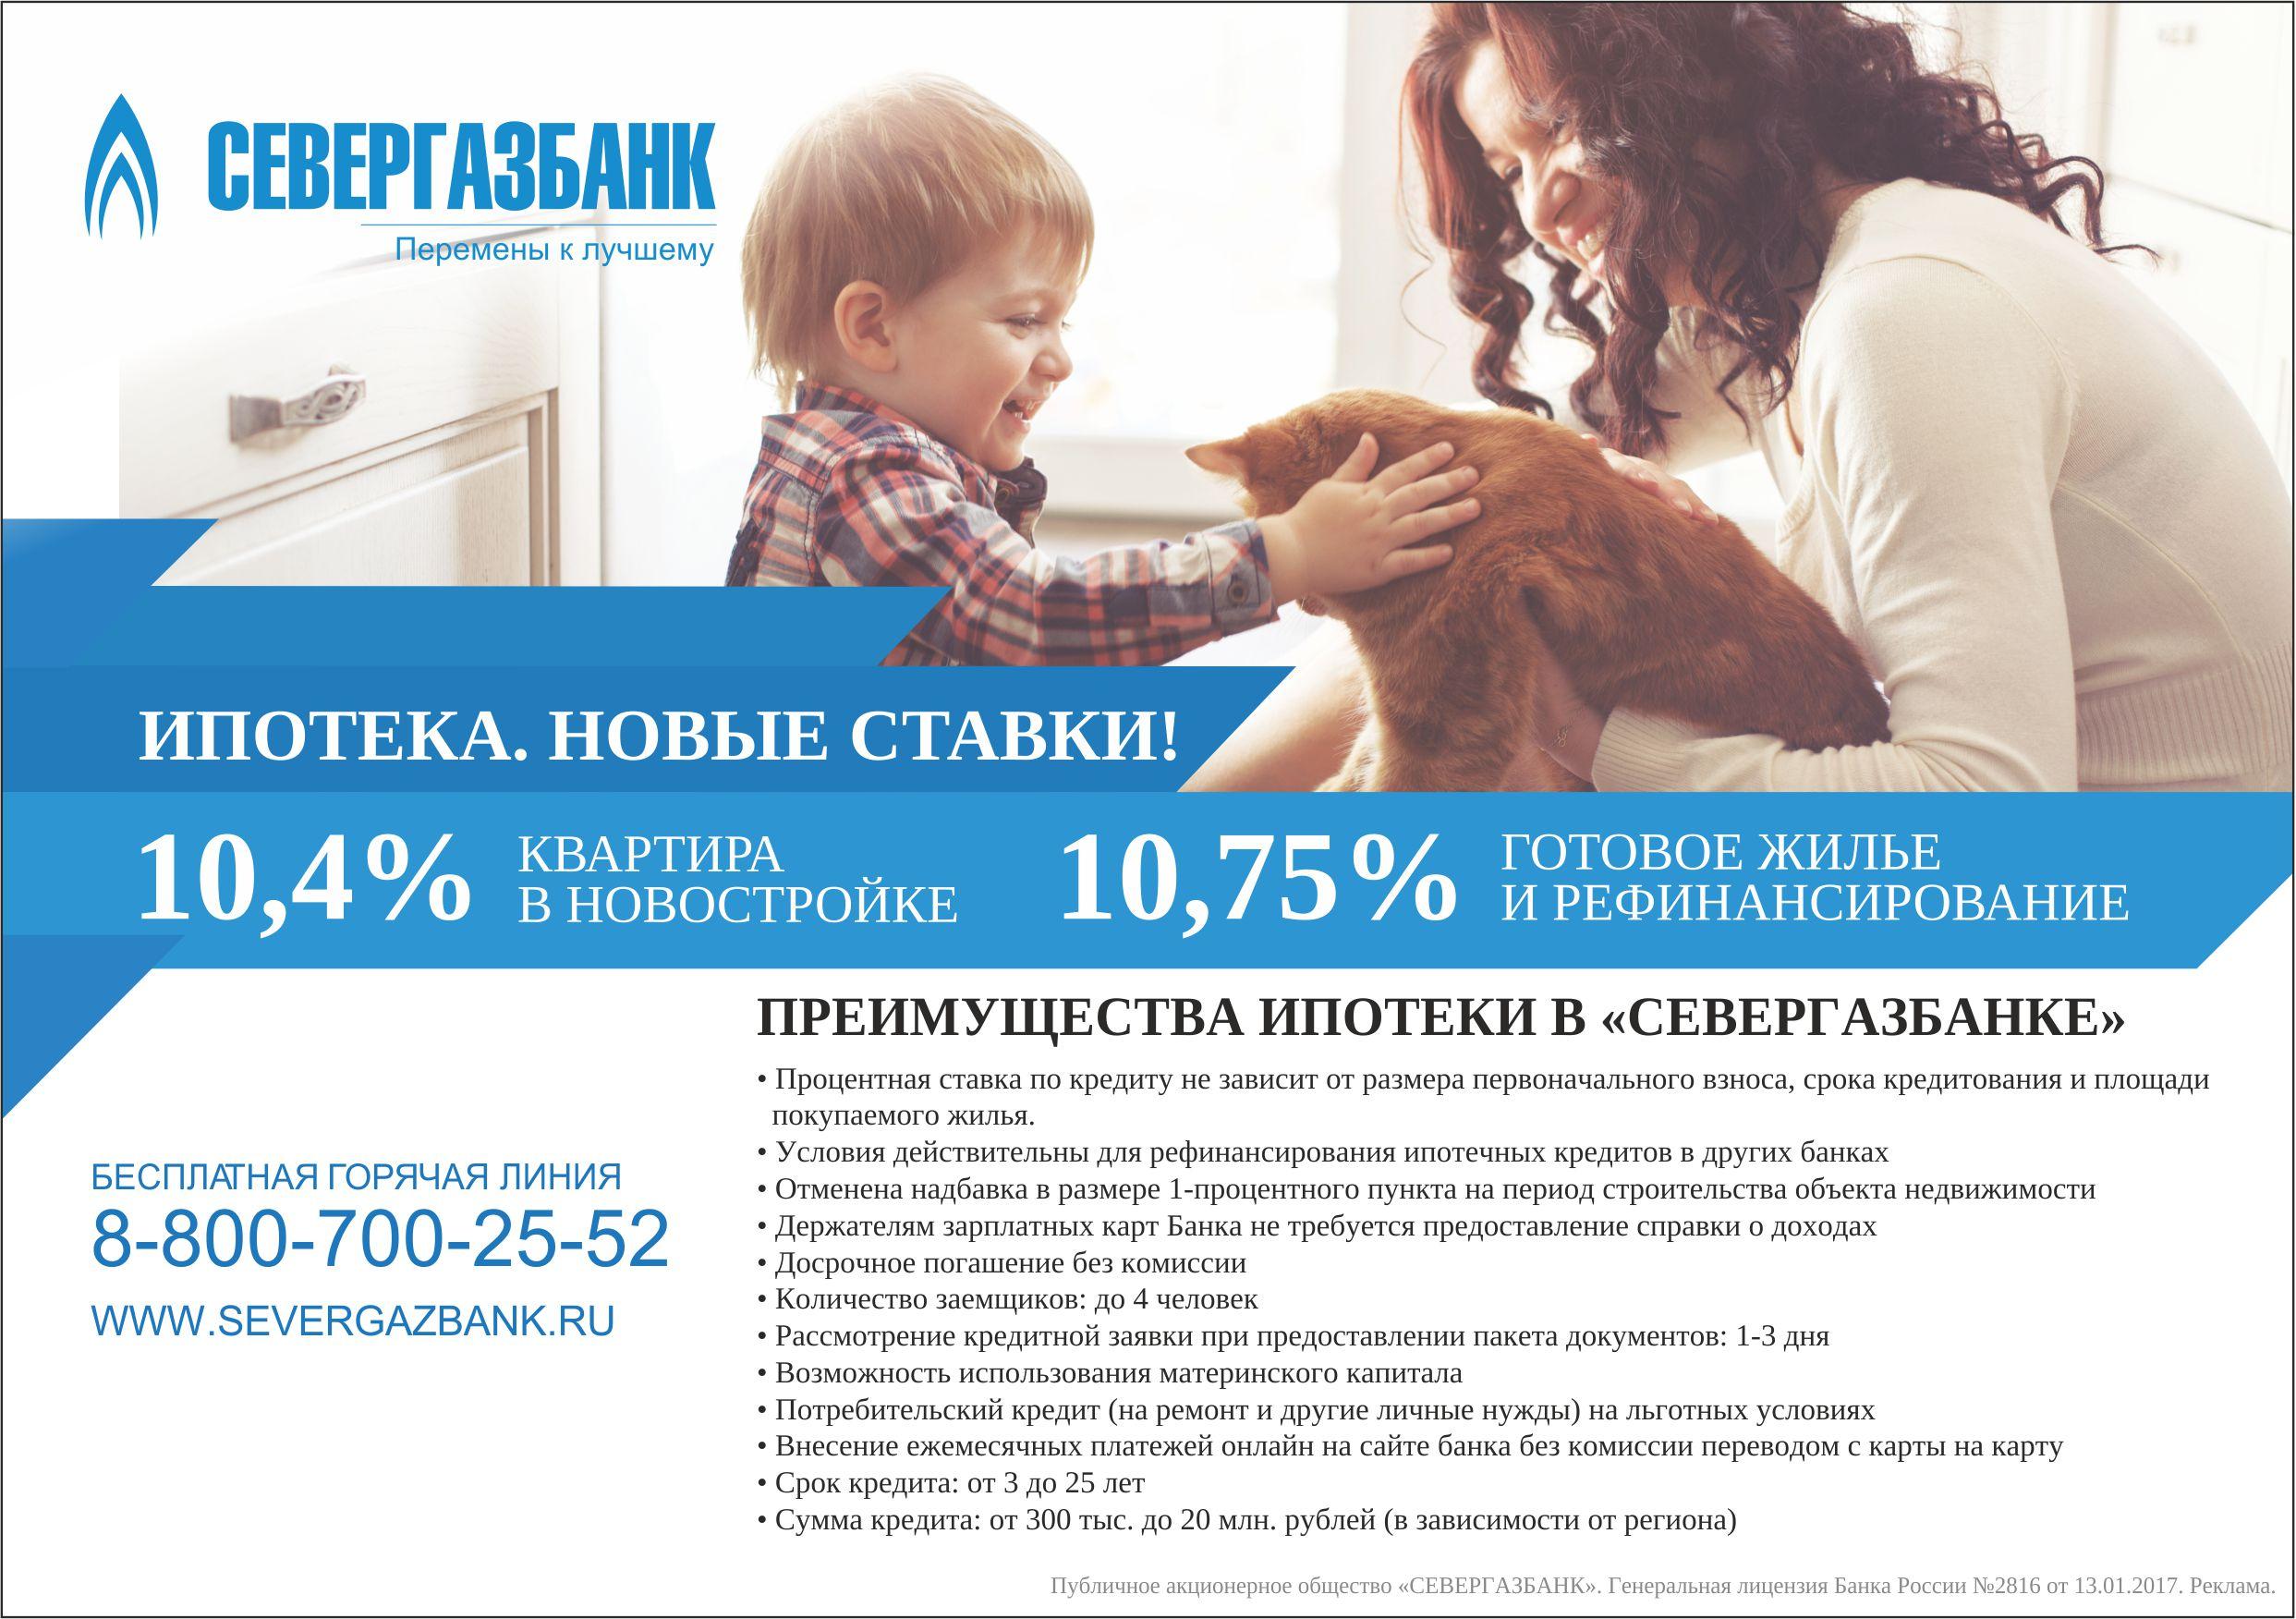 Семейная ипотека и рефинансирование 5% от севергазбанка